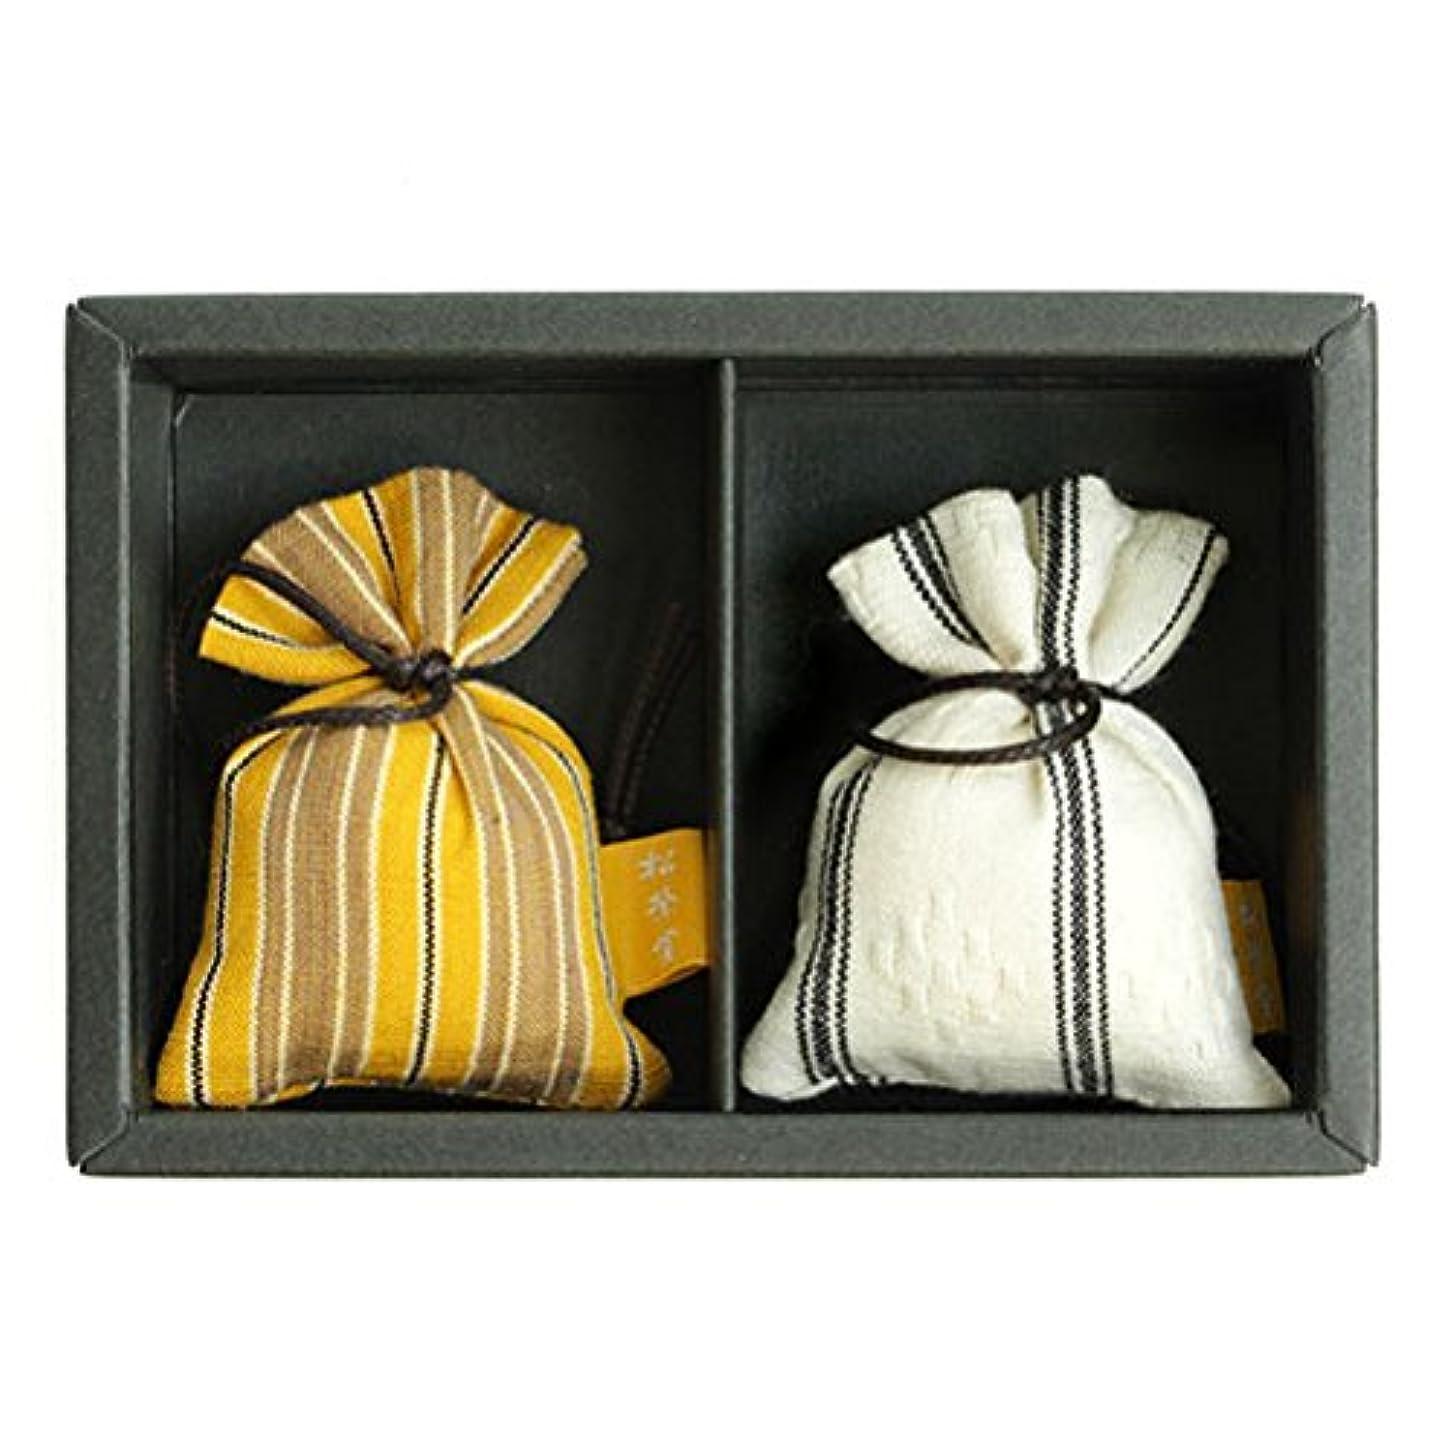 西部表向きスキム匂い袋 誰が袖 ルリック(縞) 2個入 松栄堂 Shoyeido 本体長さ60mm (色?柄は選べません)